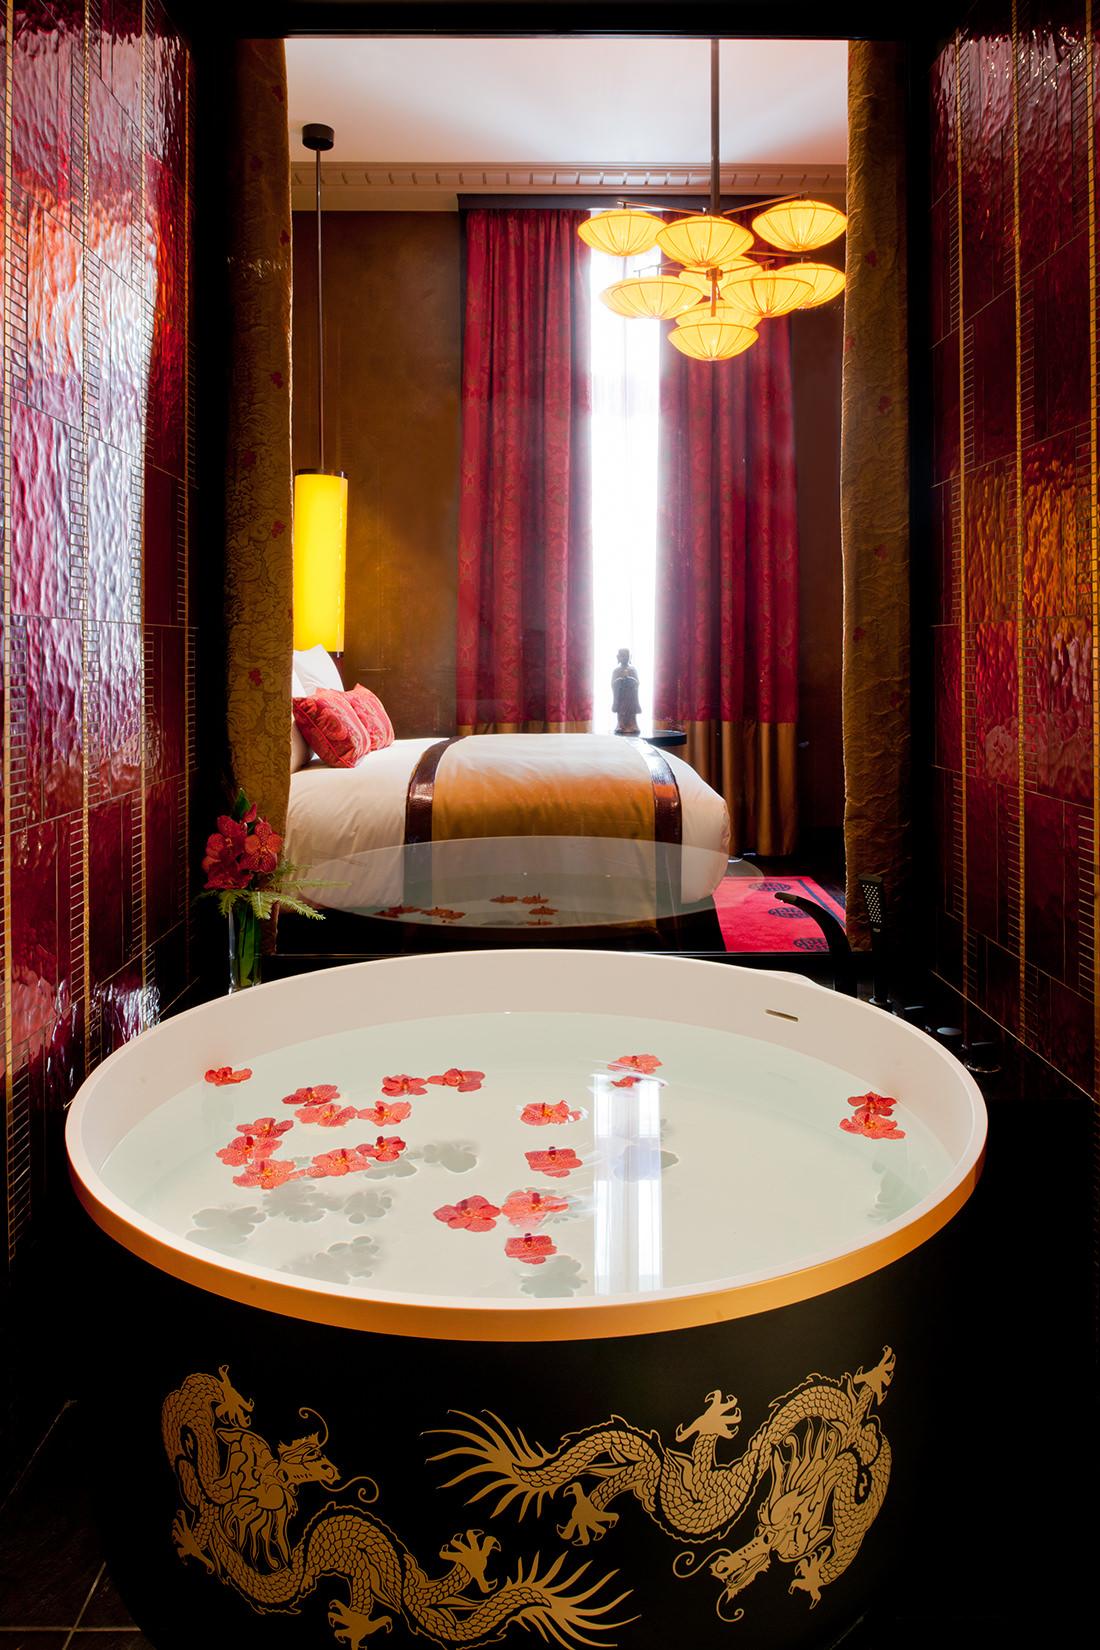 buddha-bar-hotel-paris-12